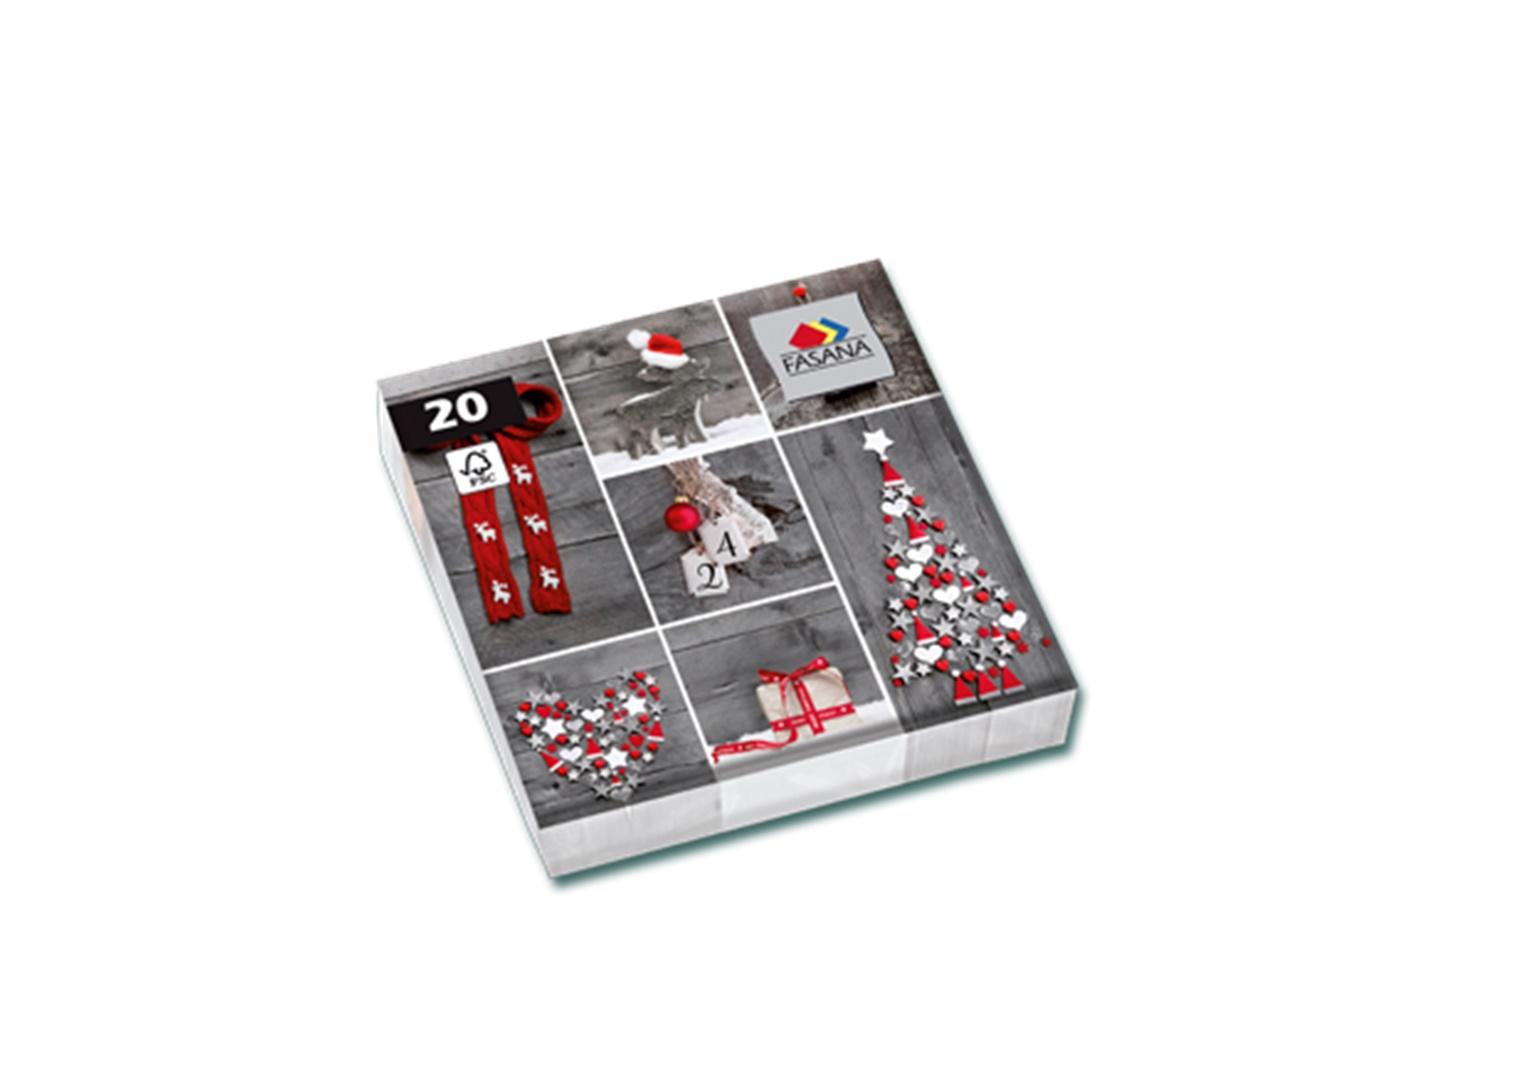 Fasana Servietten 33 x 33 cm 1/4 Falzung 20 Stück Motive Rot - Grau